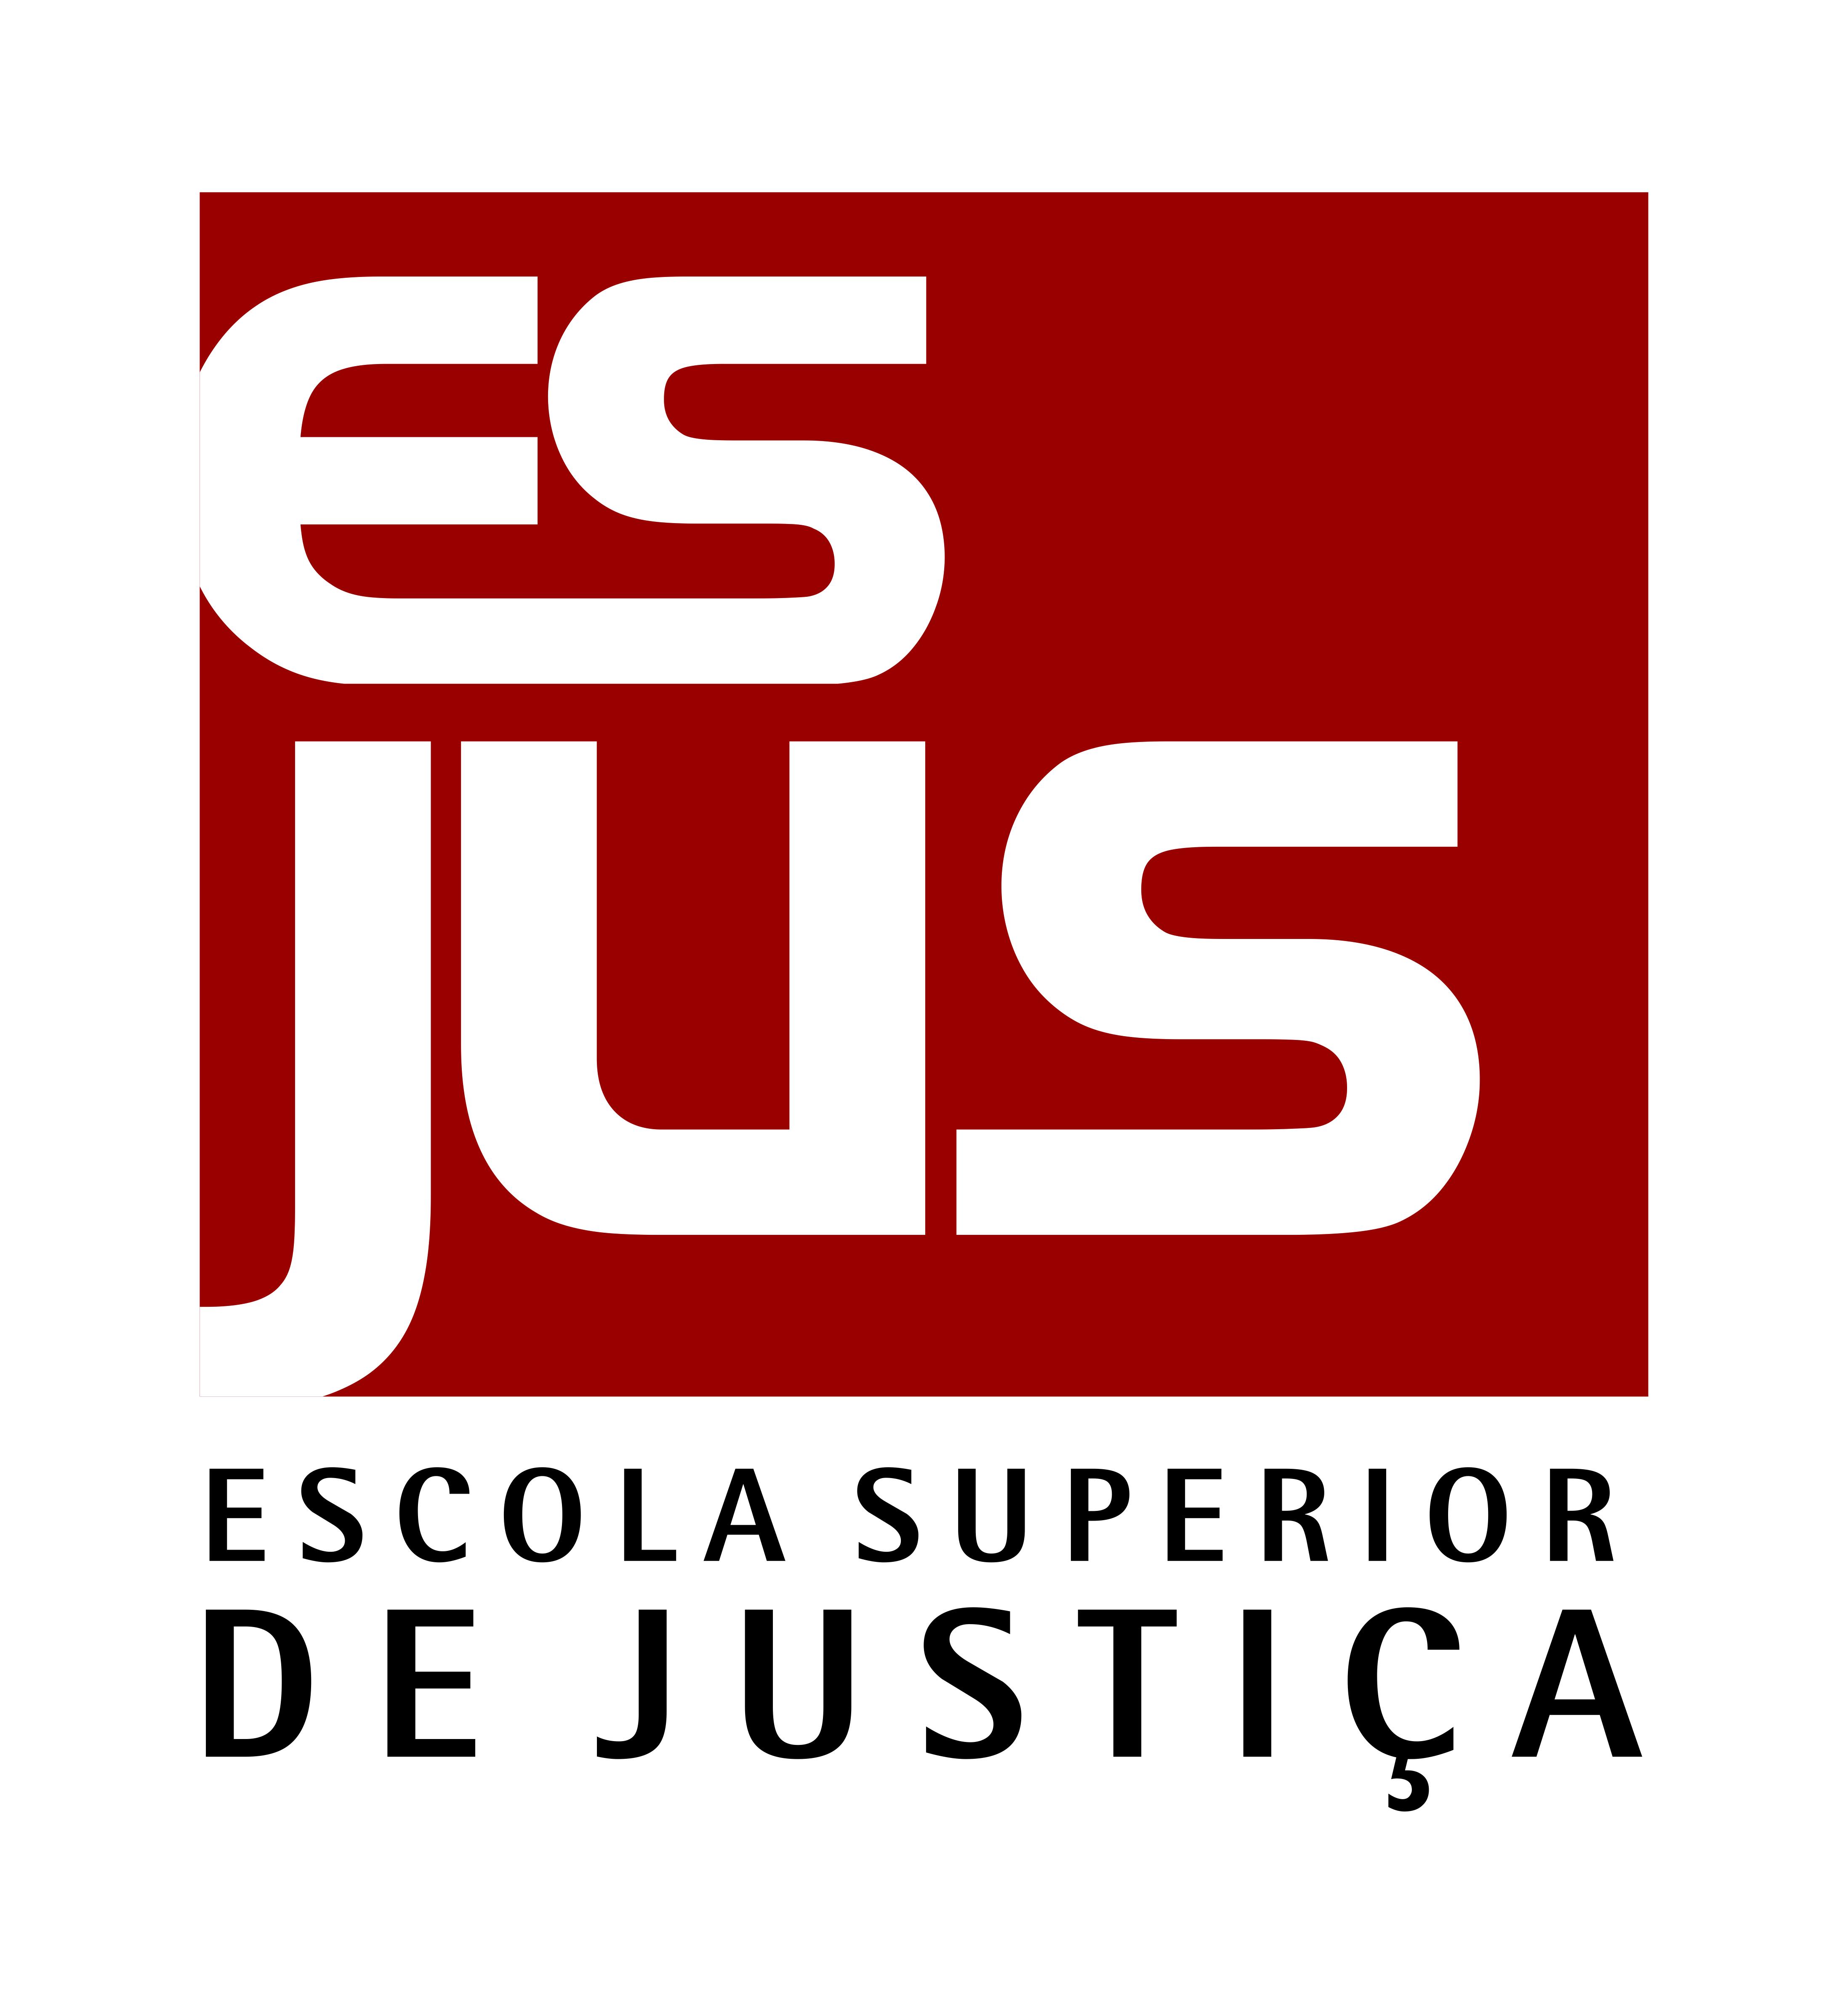 esjus-logo-FINAL_resolução de 300 dpi